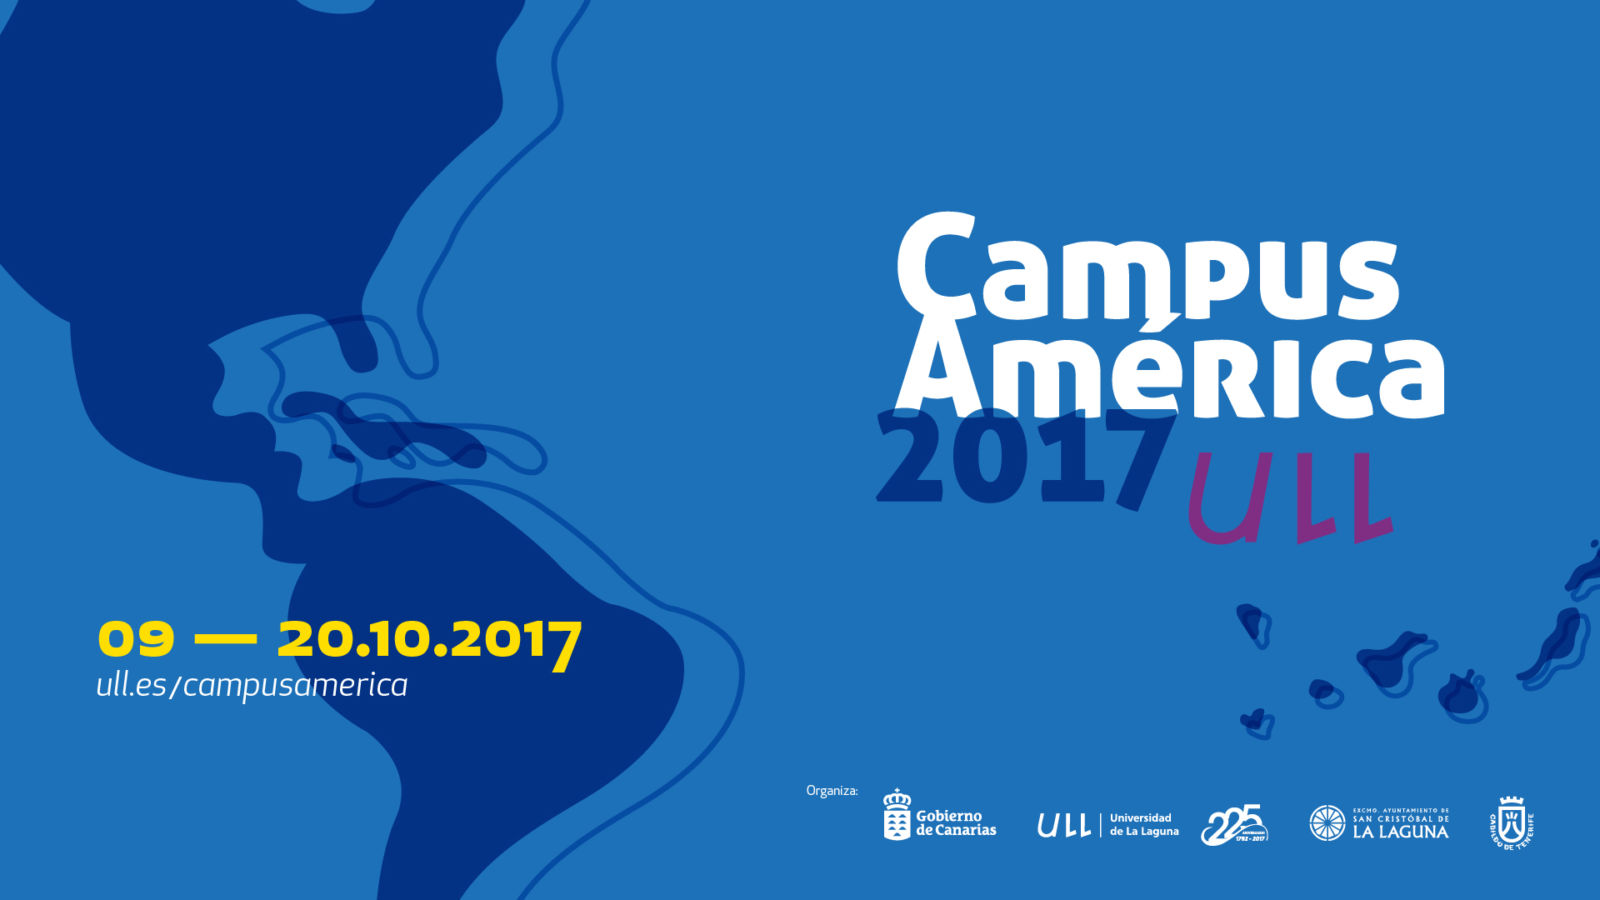 Campus América